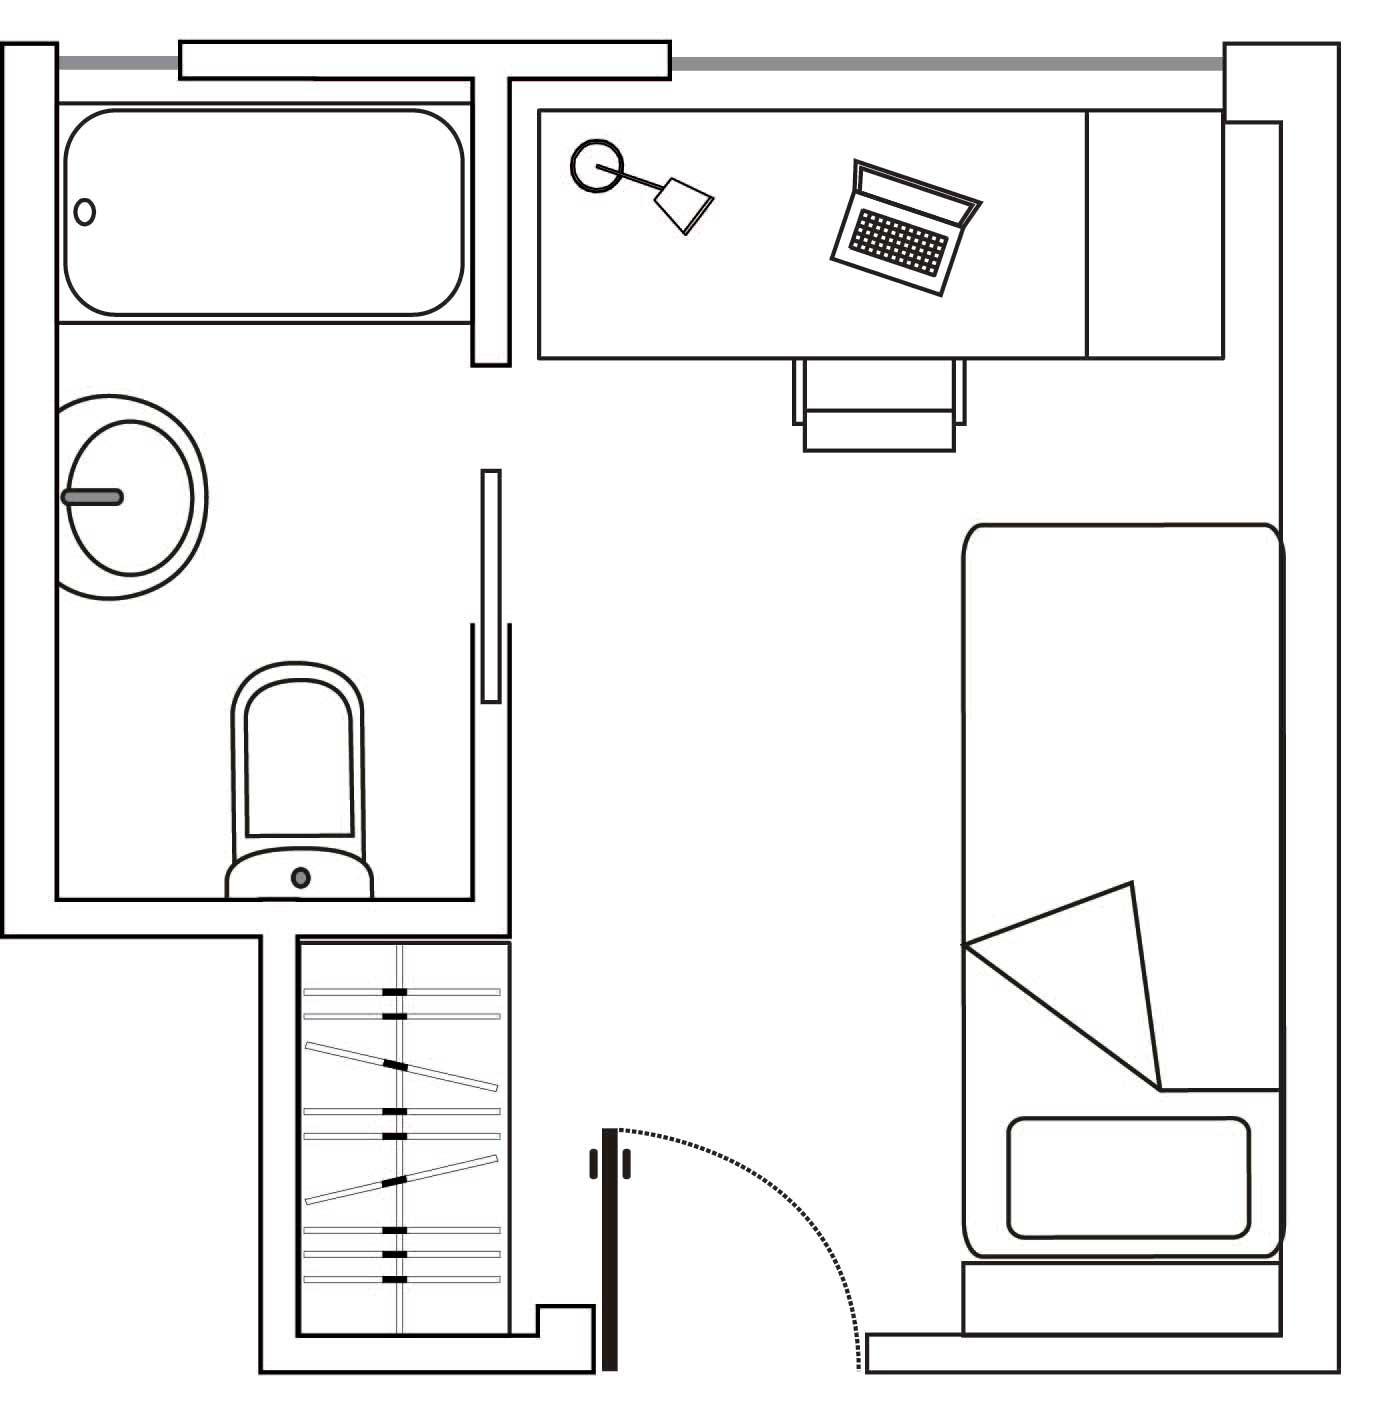 Residencia Santa Mar A Del Estudiante Habitaciones Y Precios